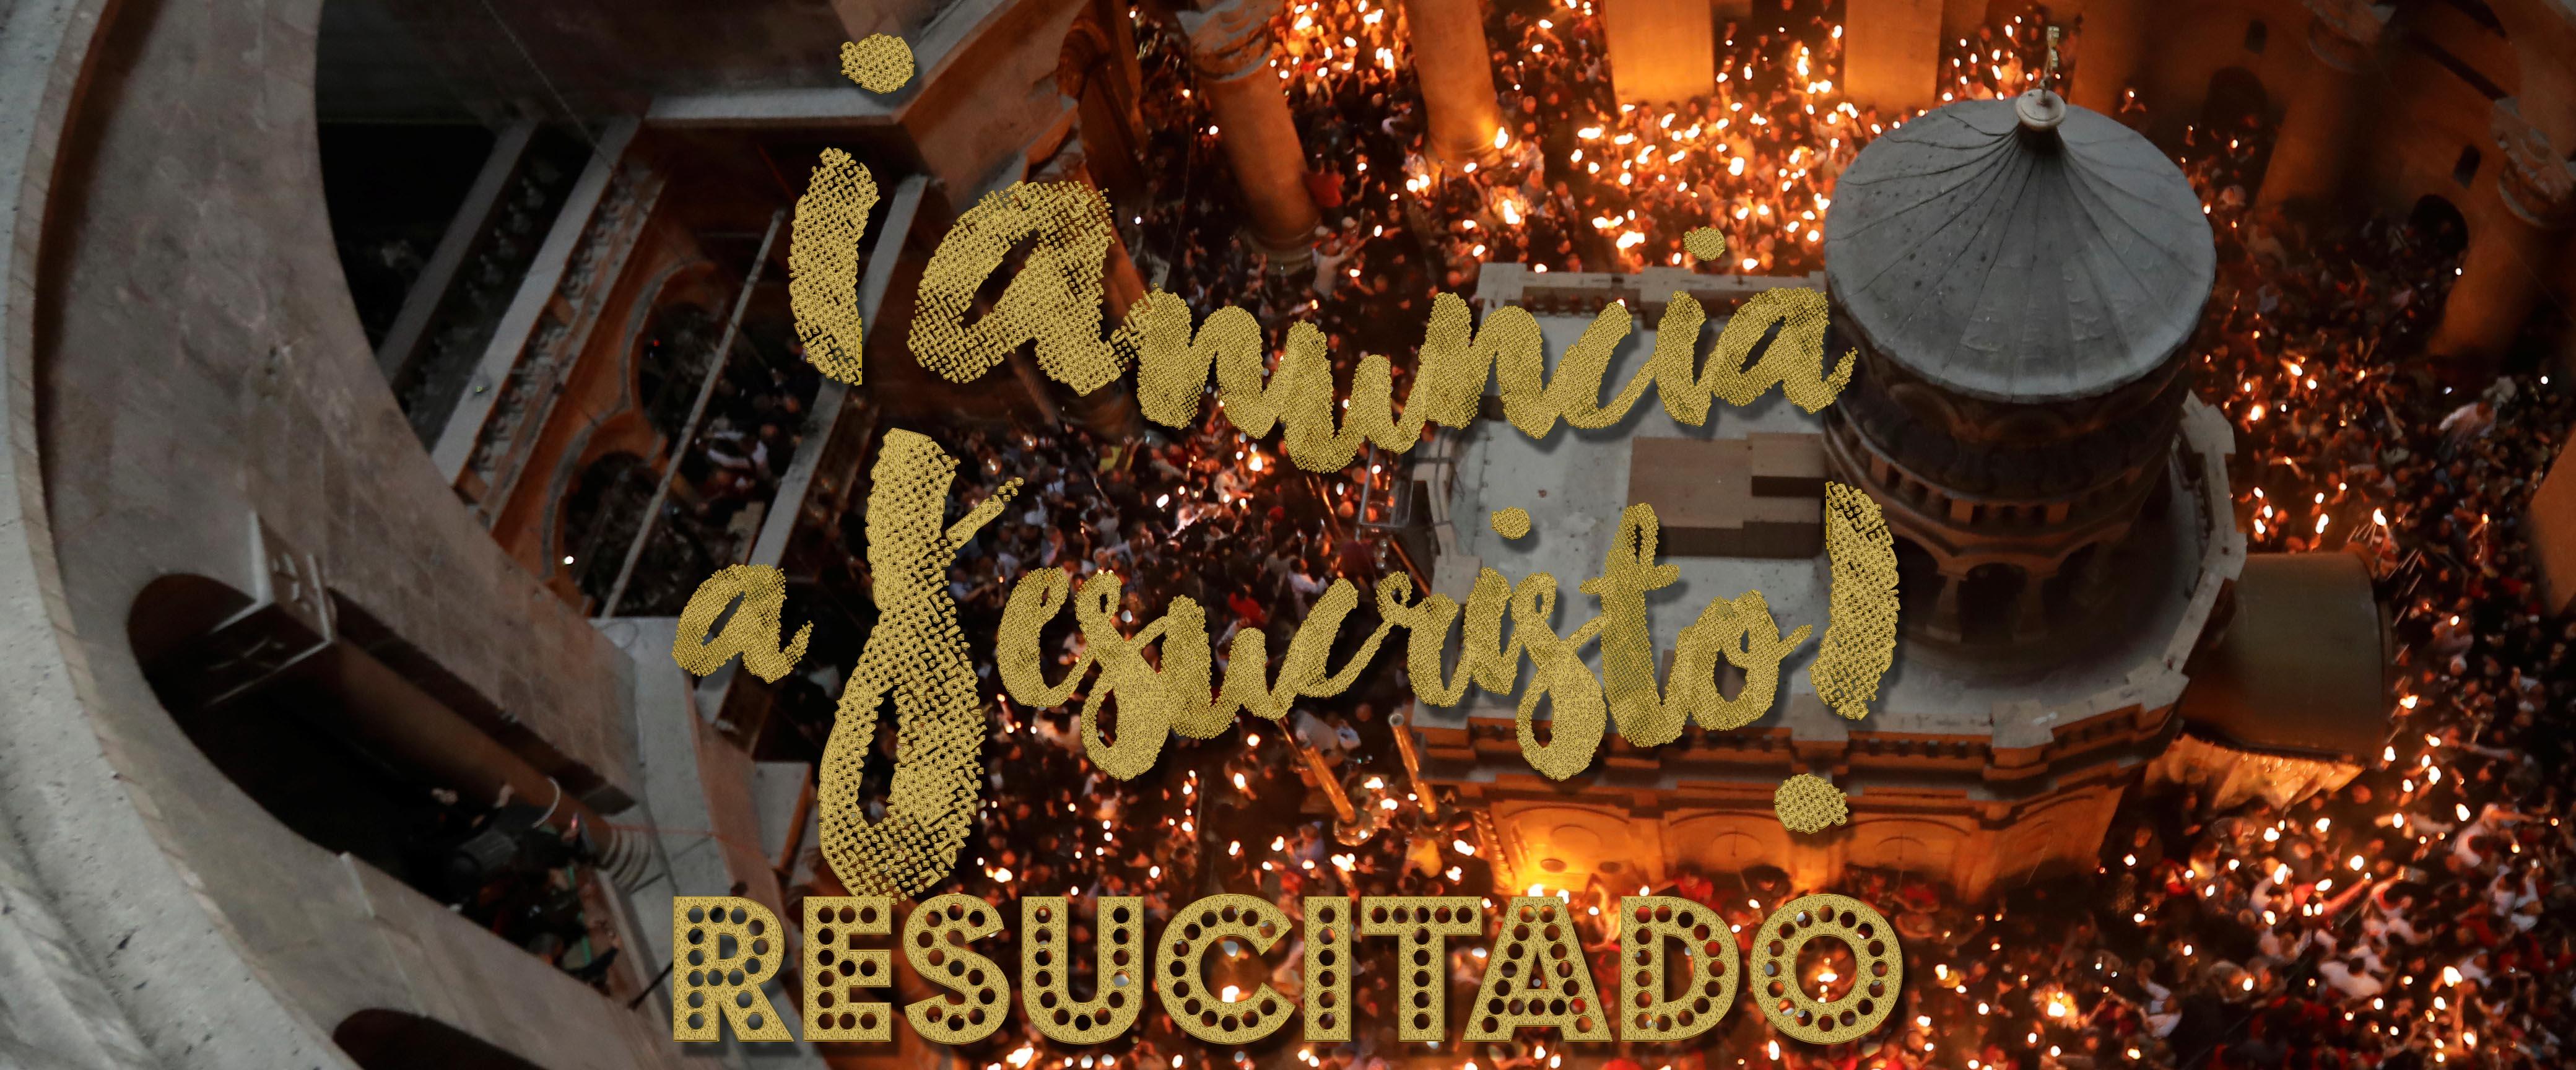 Parroquias de San Cristóbal de los Ángeles